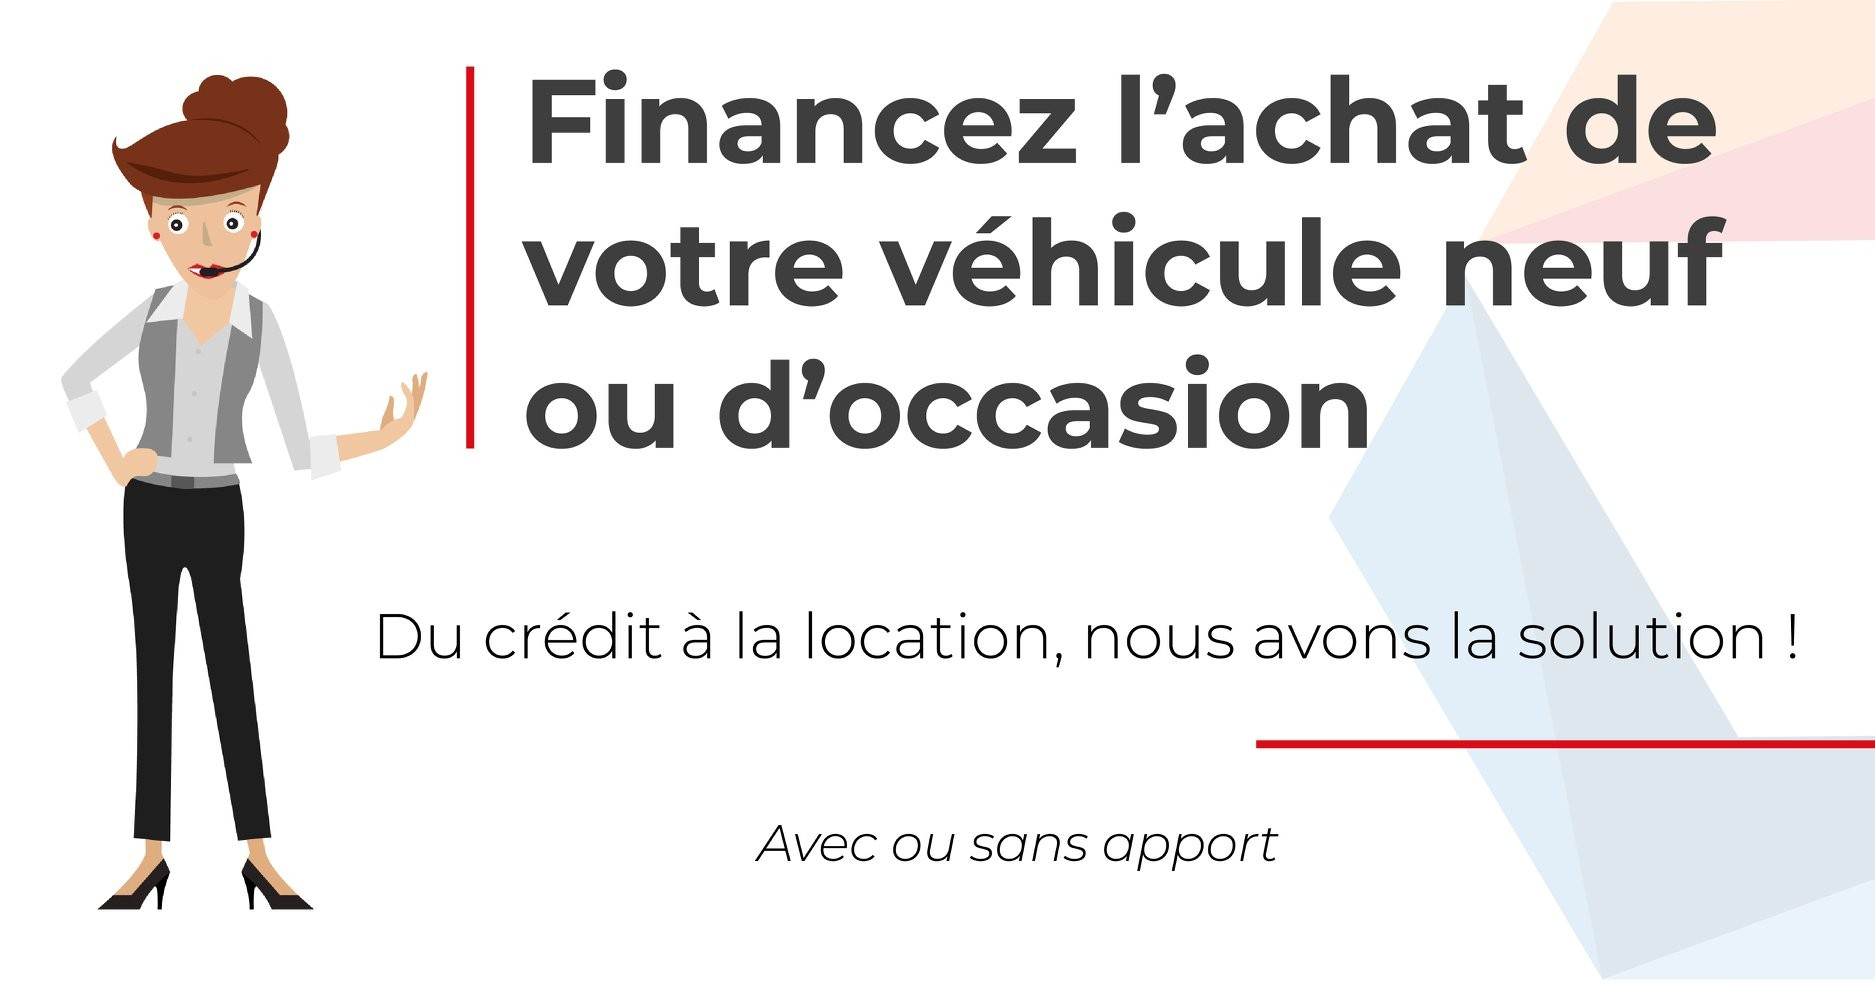 Confiez nous votre projet auto!